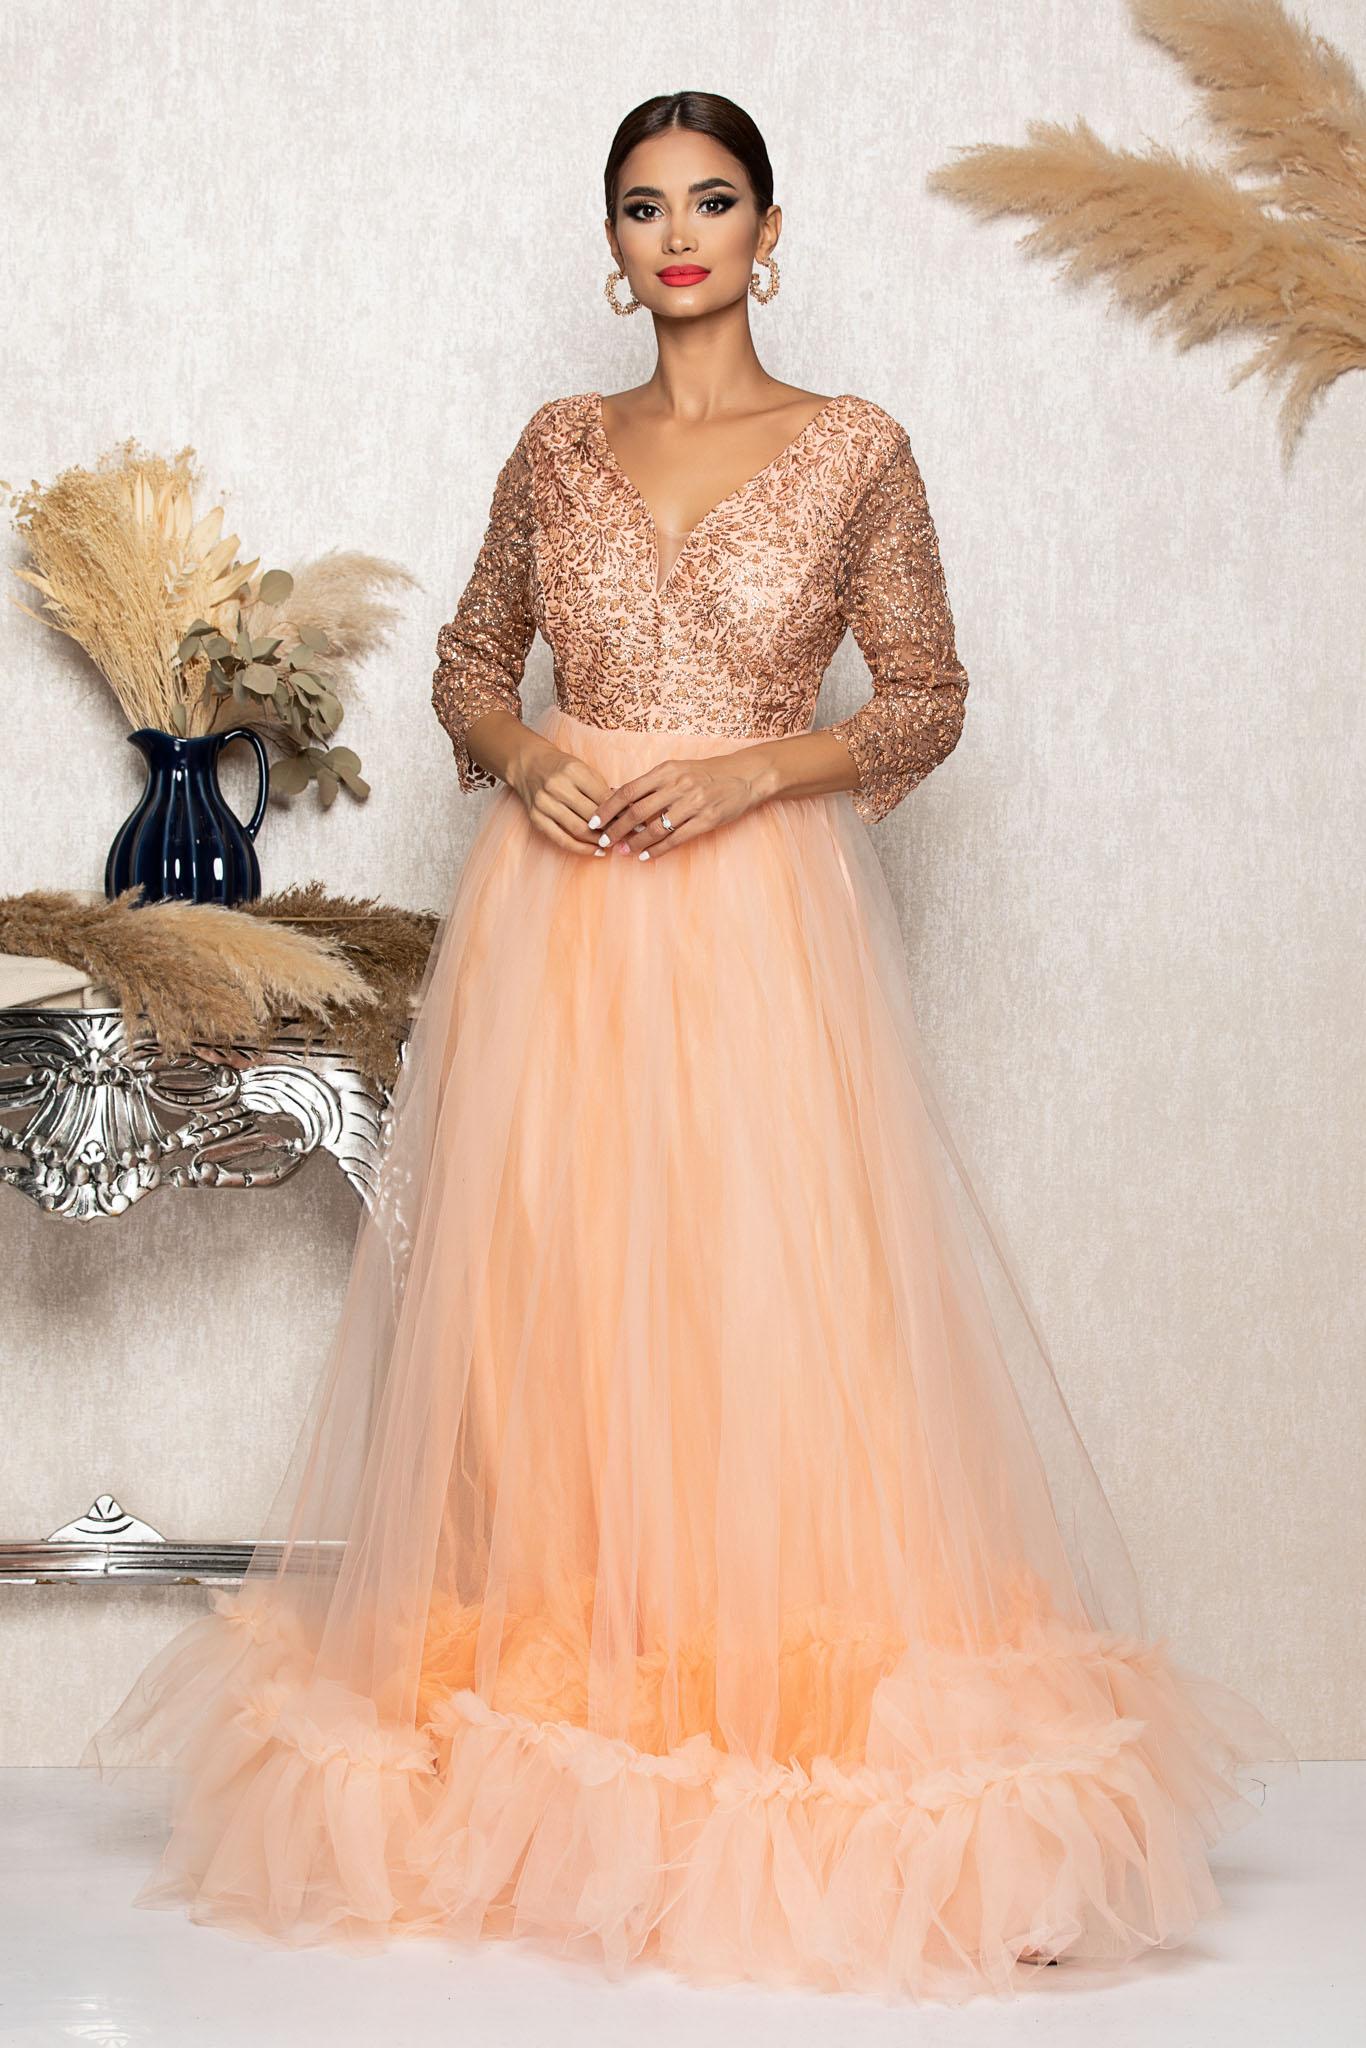 Rochie Remarkable Peach Marimi Mari M (38) | L (40) | XL (42) | XXL (44) | 3XL (46)